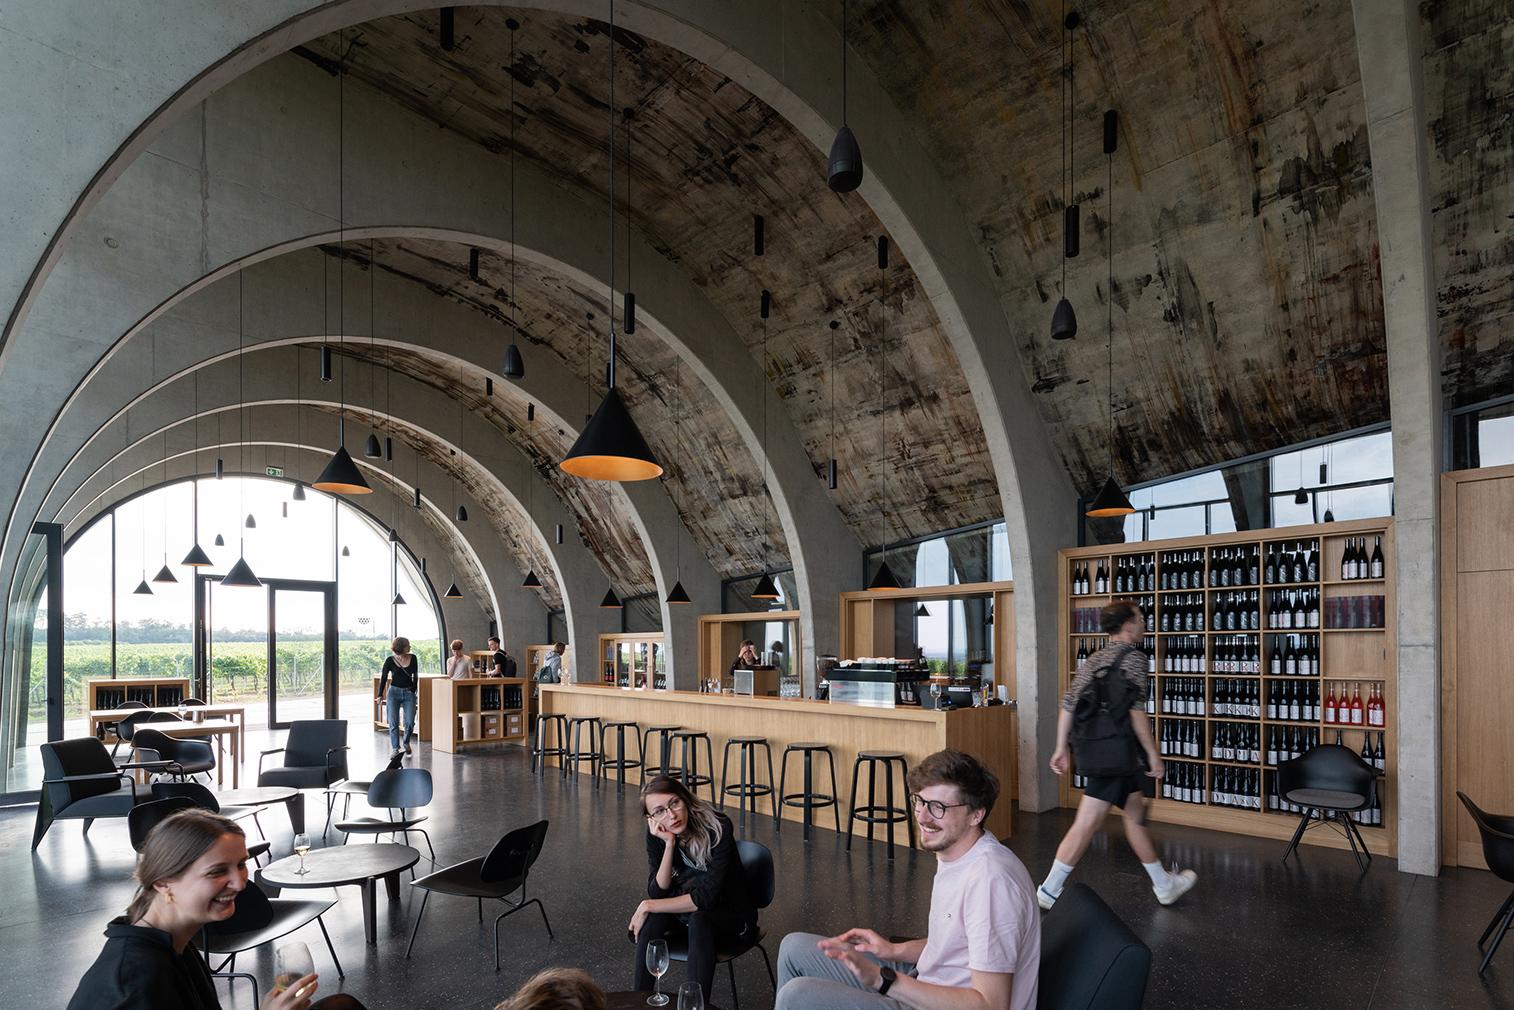 Lahofer winery offers a taste of brutalism in Dobšice